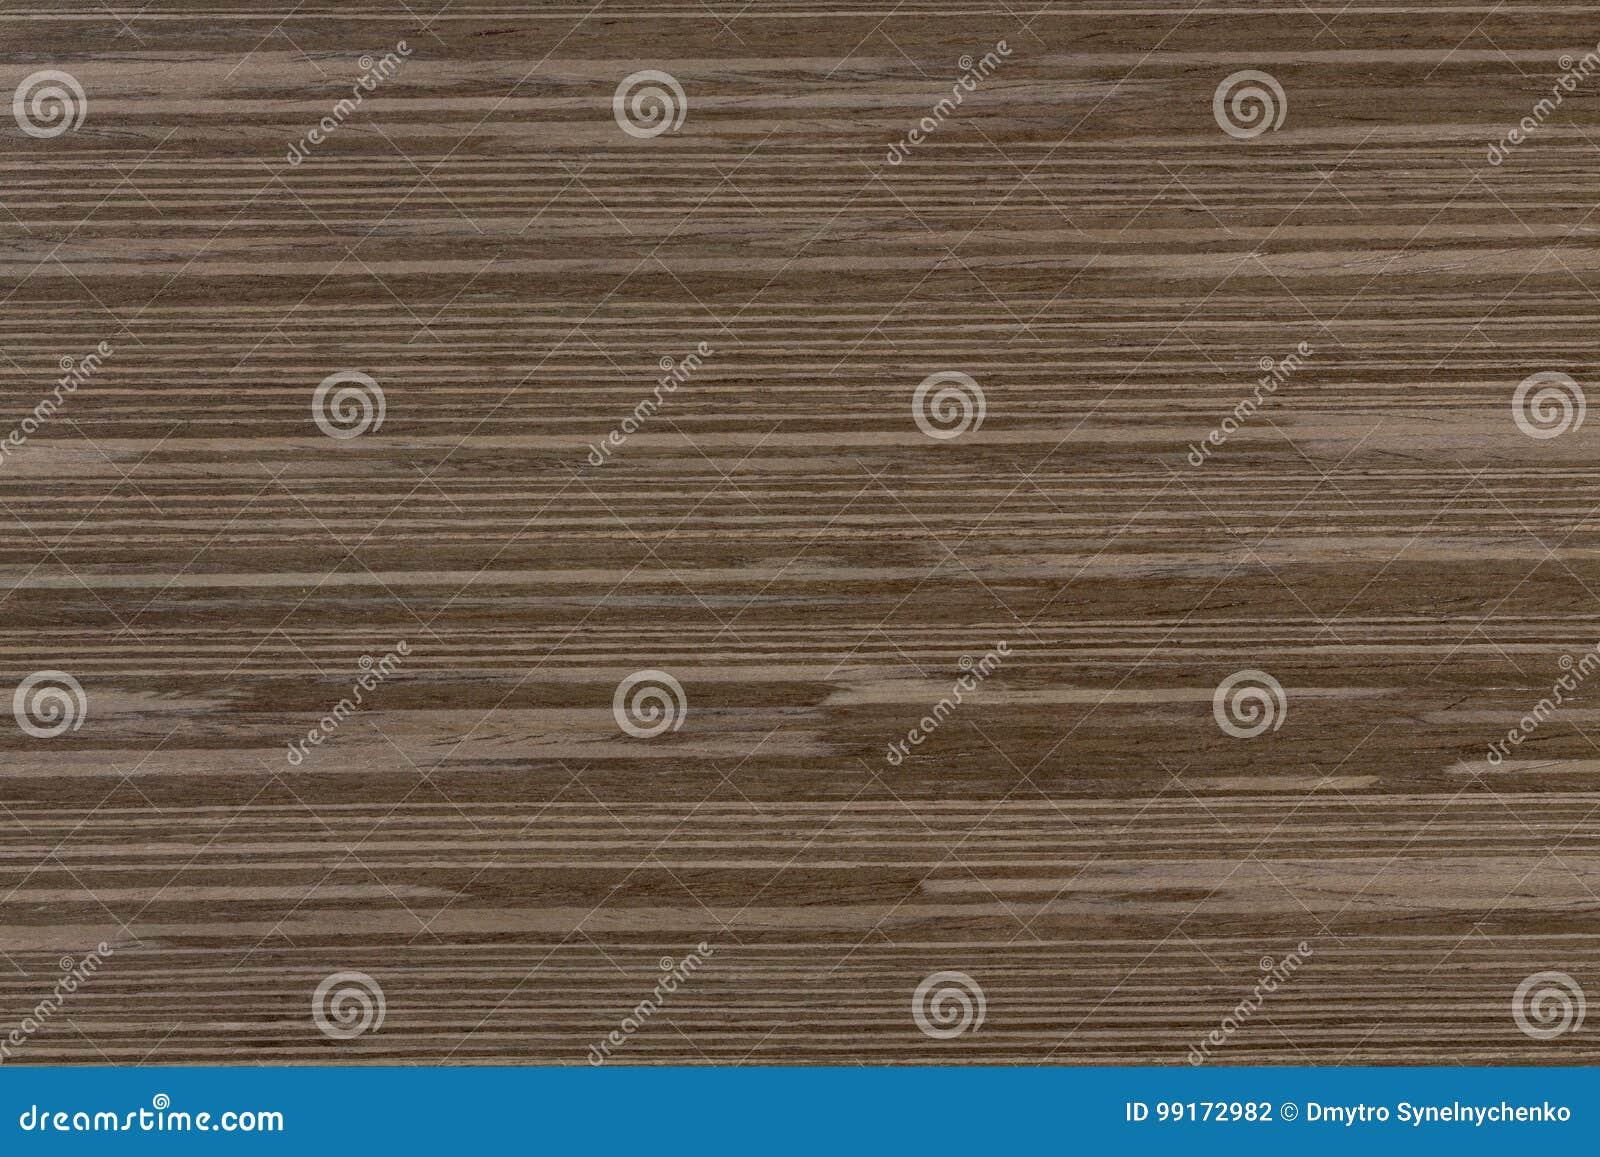 Legno Naturale Chiaro : Struttura di legno marrone chiaro naturale sulla macro fotografia